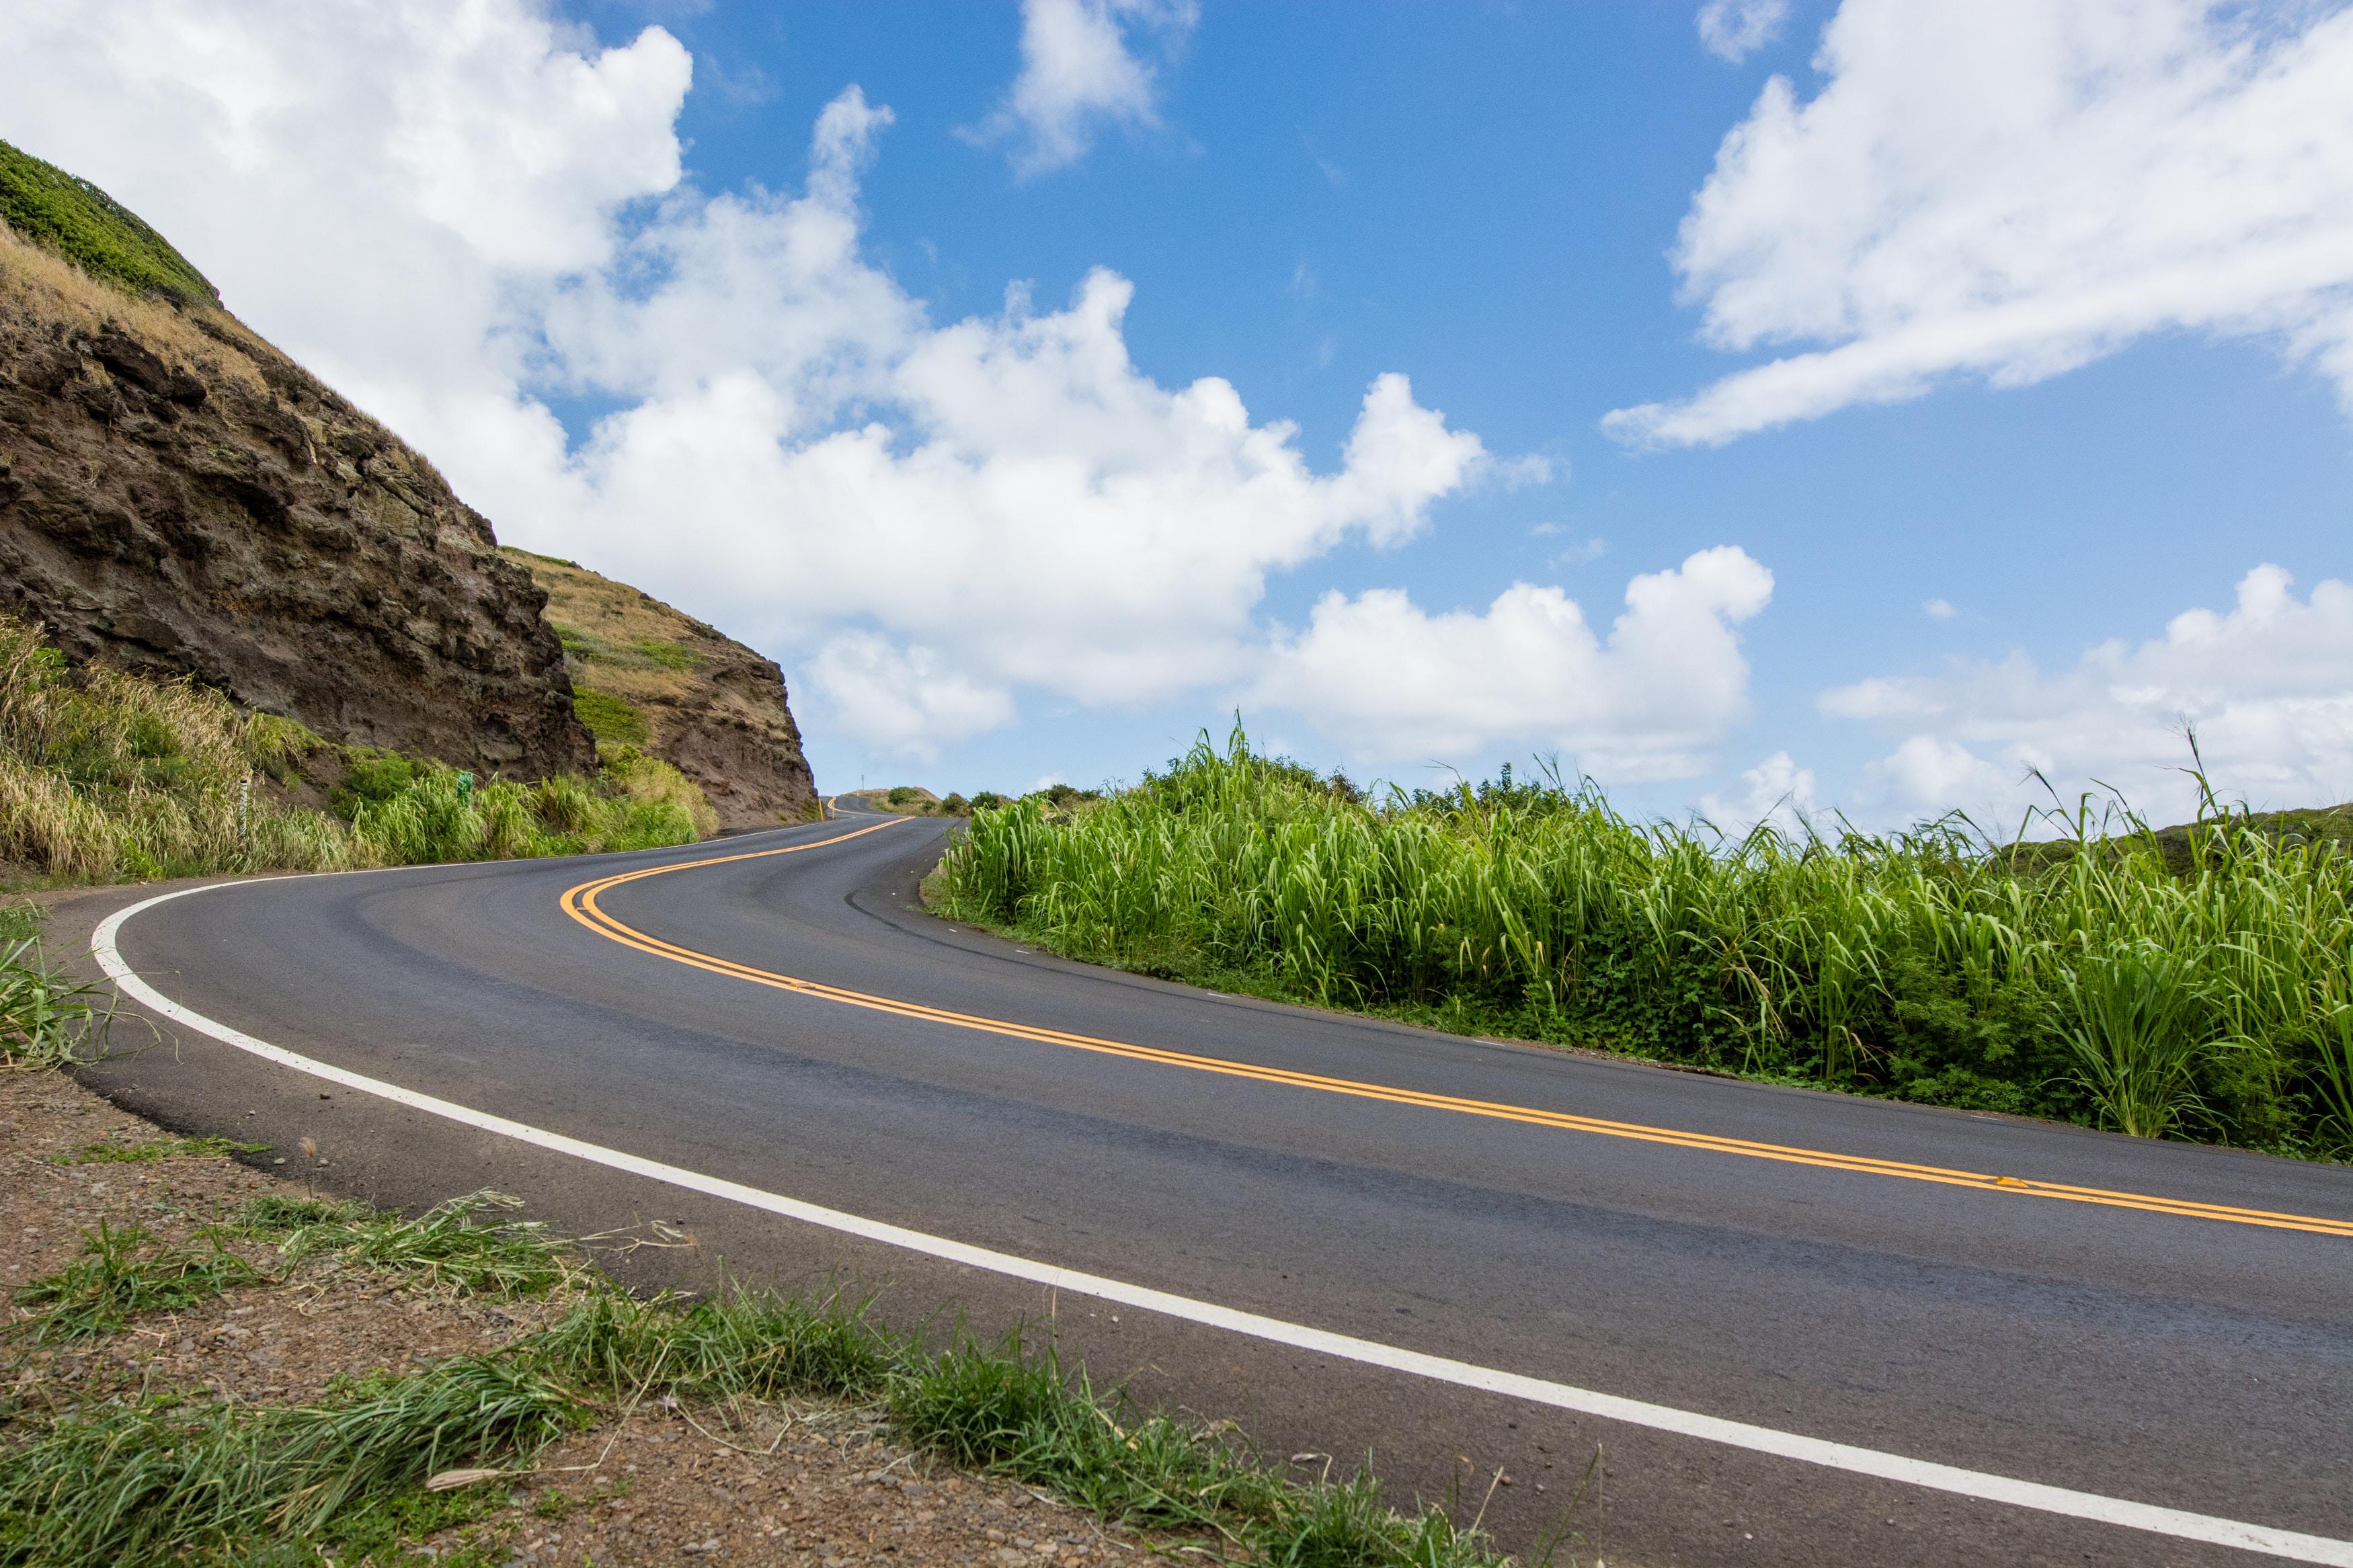 Asphault in Maui